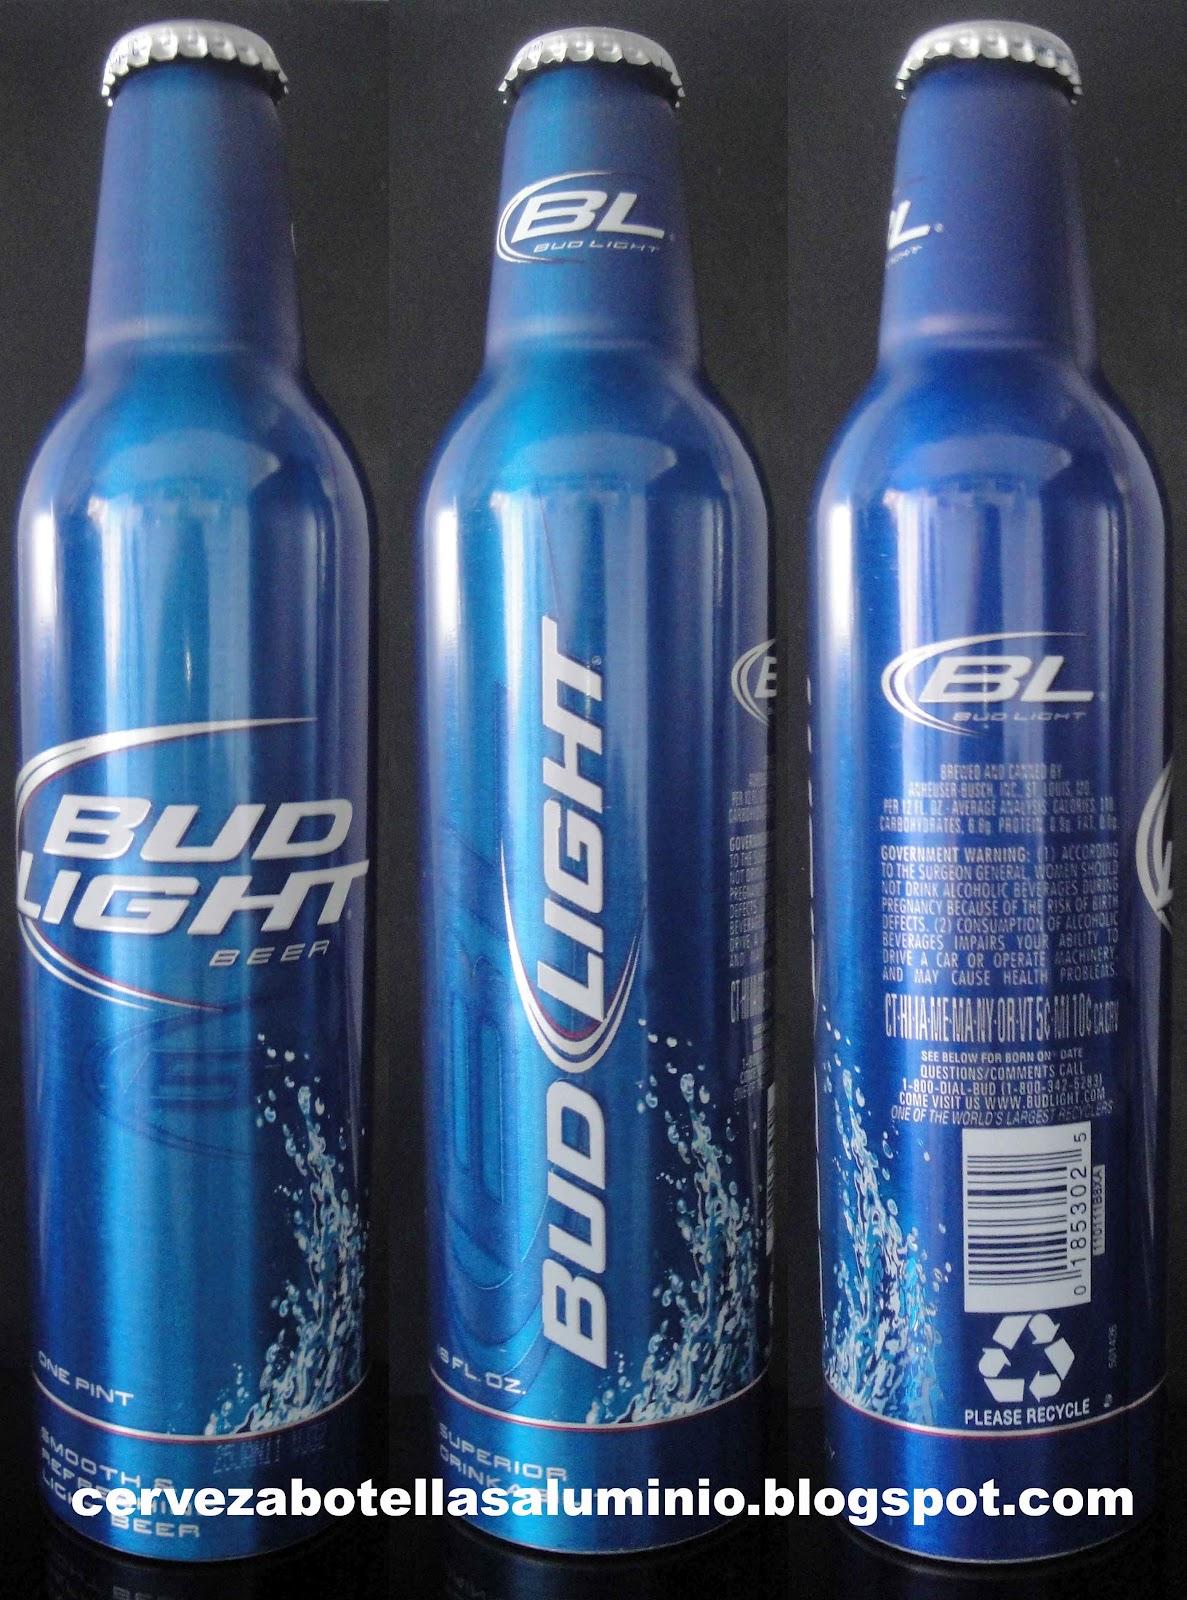 Cerveza Estadounidense Bud Light, Genérica, Sin Alusión A Ningún  Acontencimiento Deportivo O Conmemorativo. Conocida Como